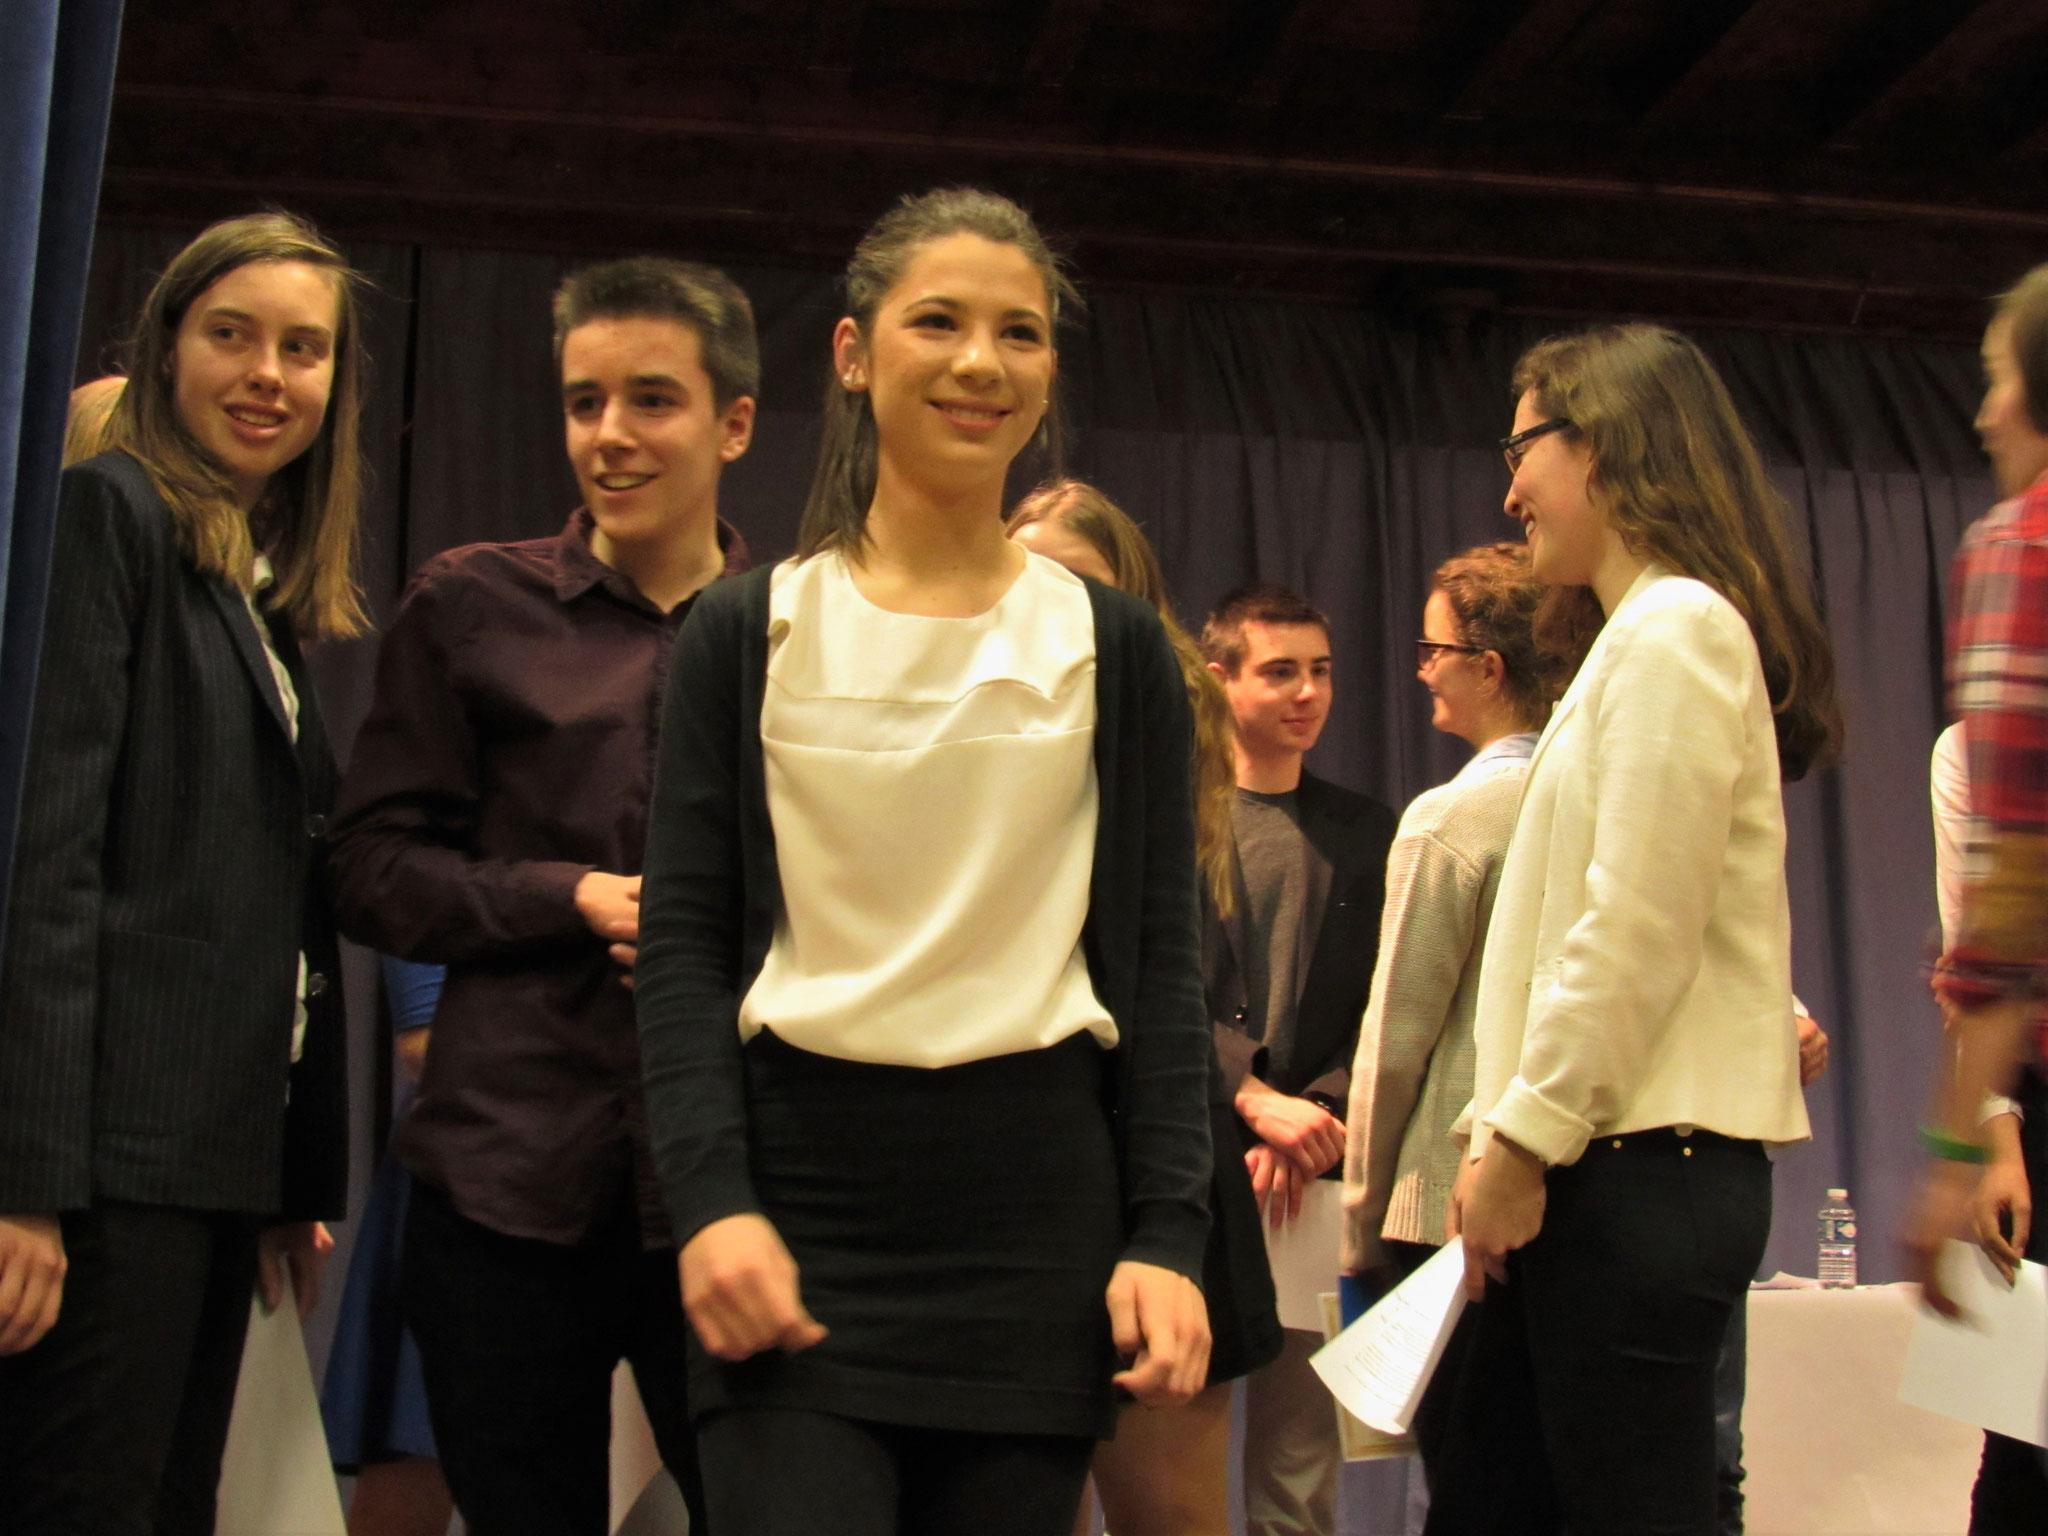 L'équipe organisatrice : Etienne, Léa et Aurélie